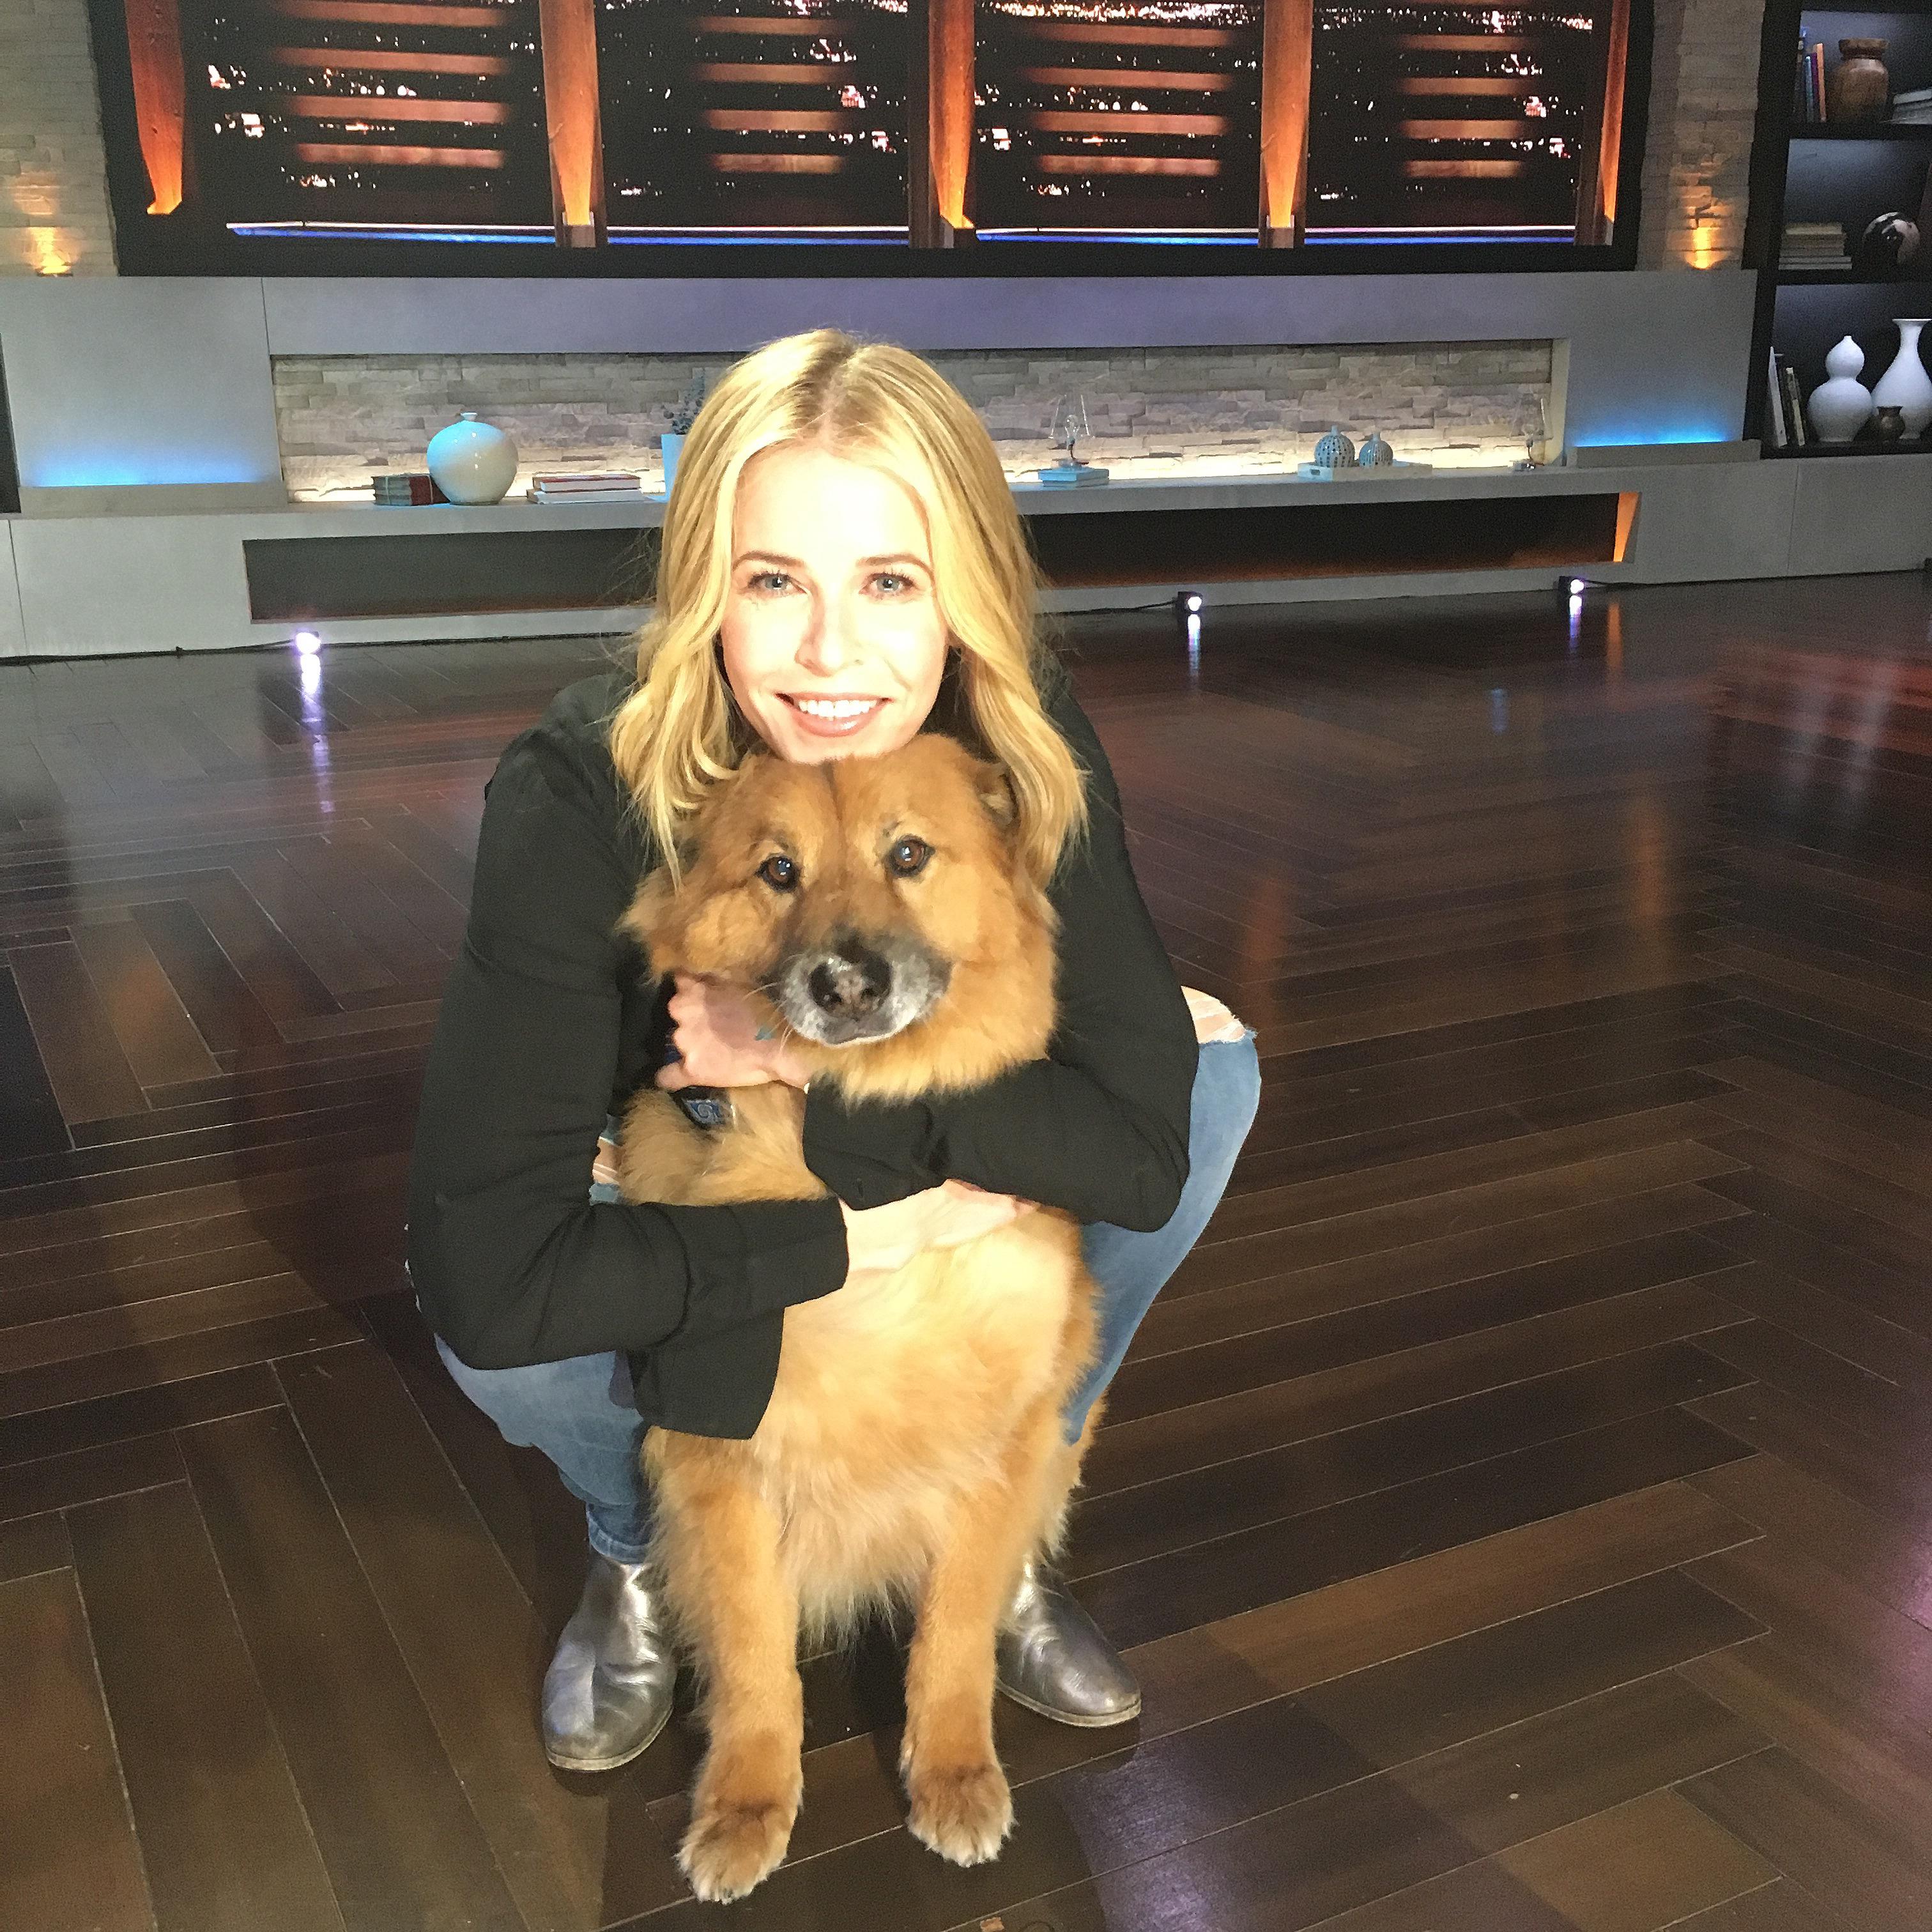 Amanda Seyfried and dog